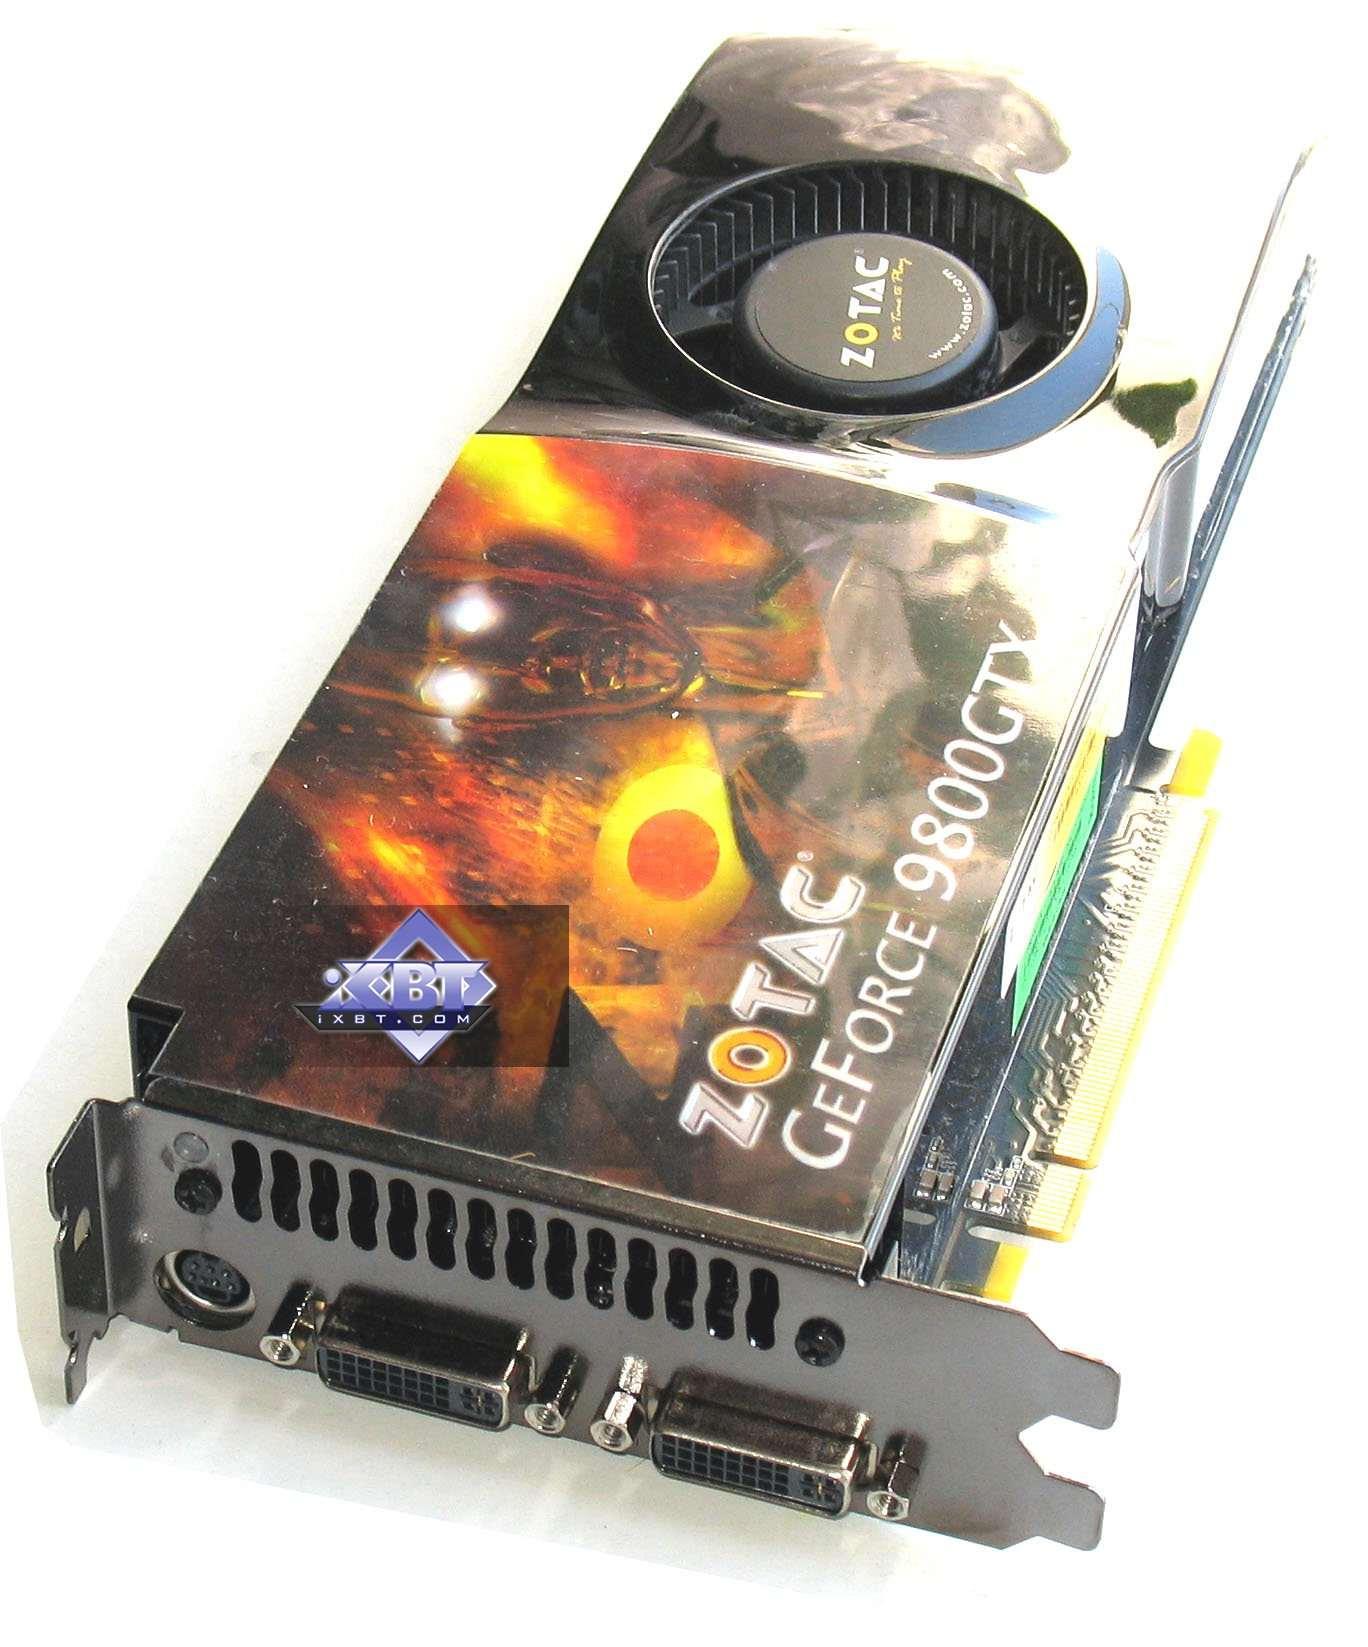 Nvidia geforce 9800 драйвер скачать